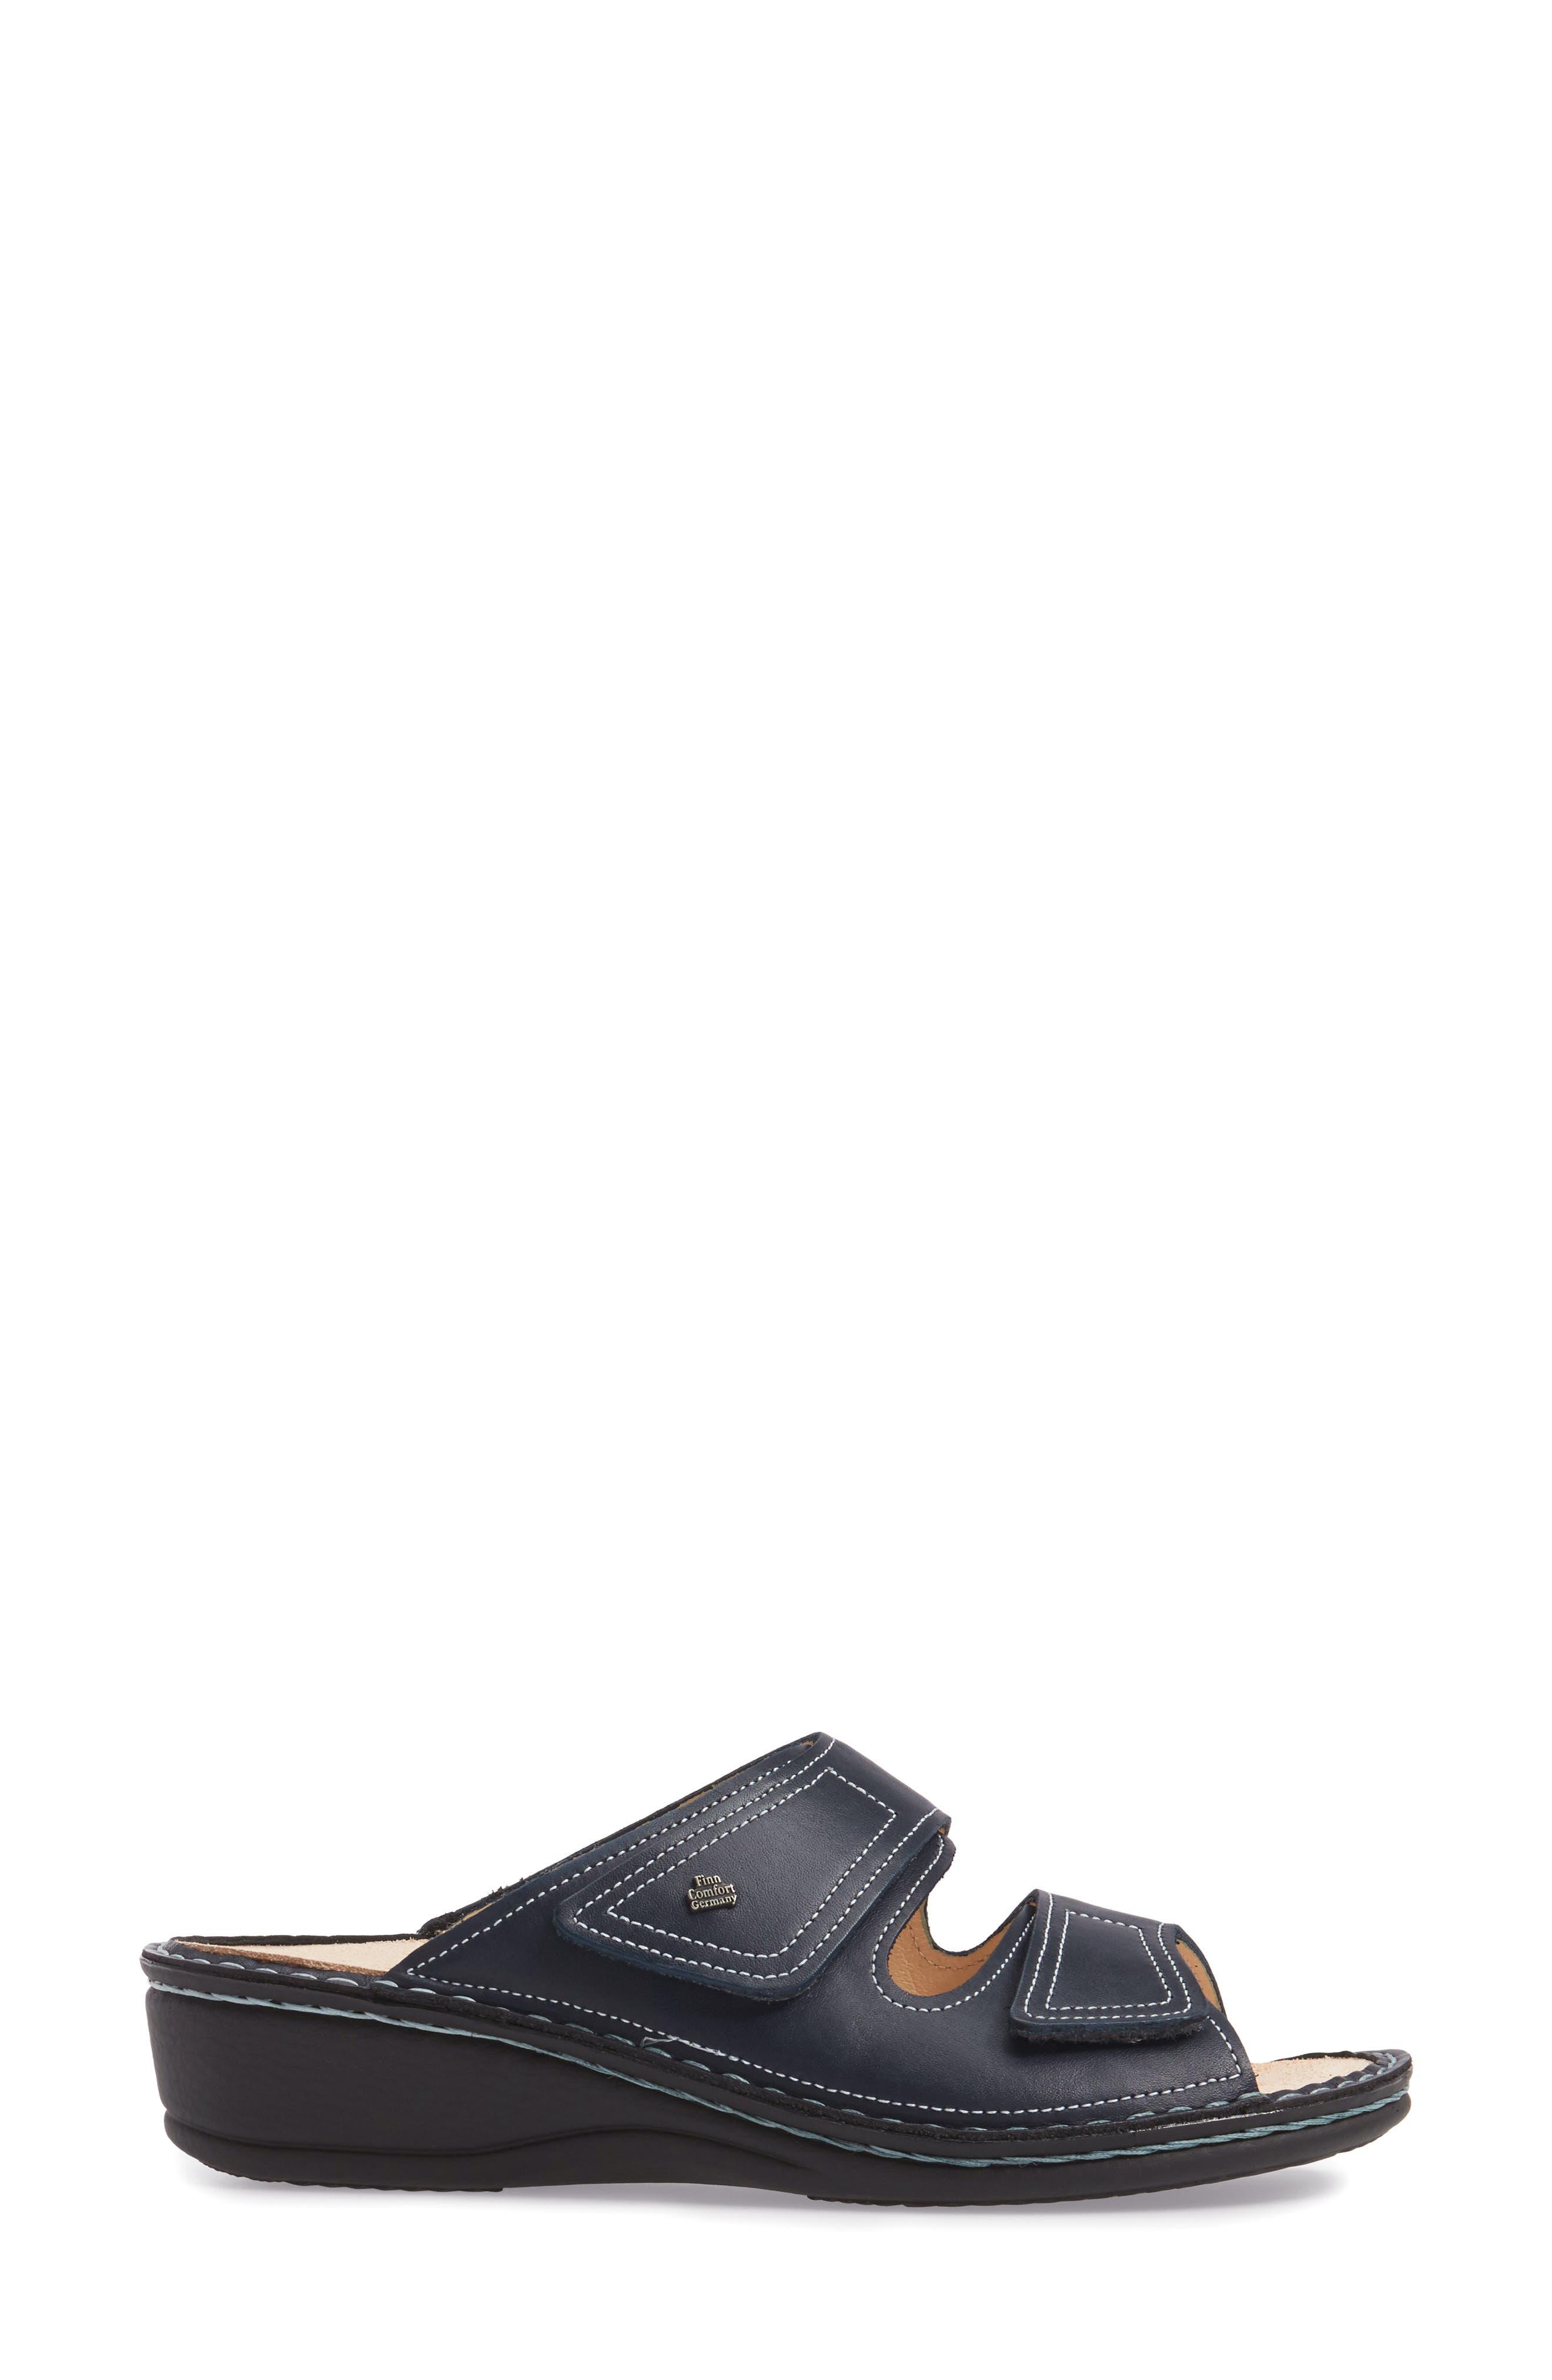 Alternate Image 3  - Finn Comfort 'Jamaica' Sandal (Online Only)